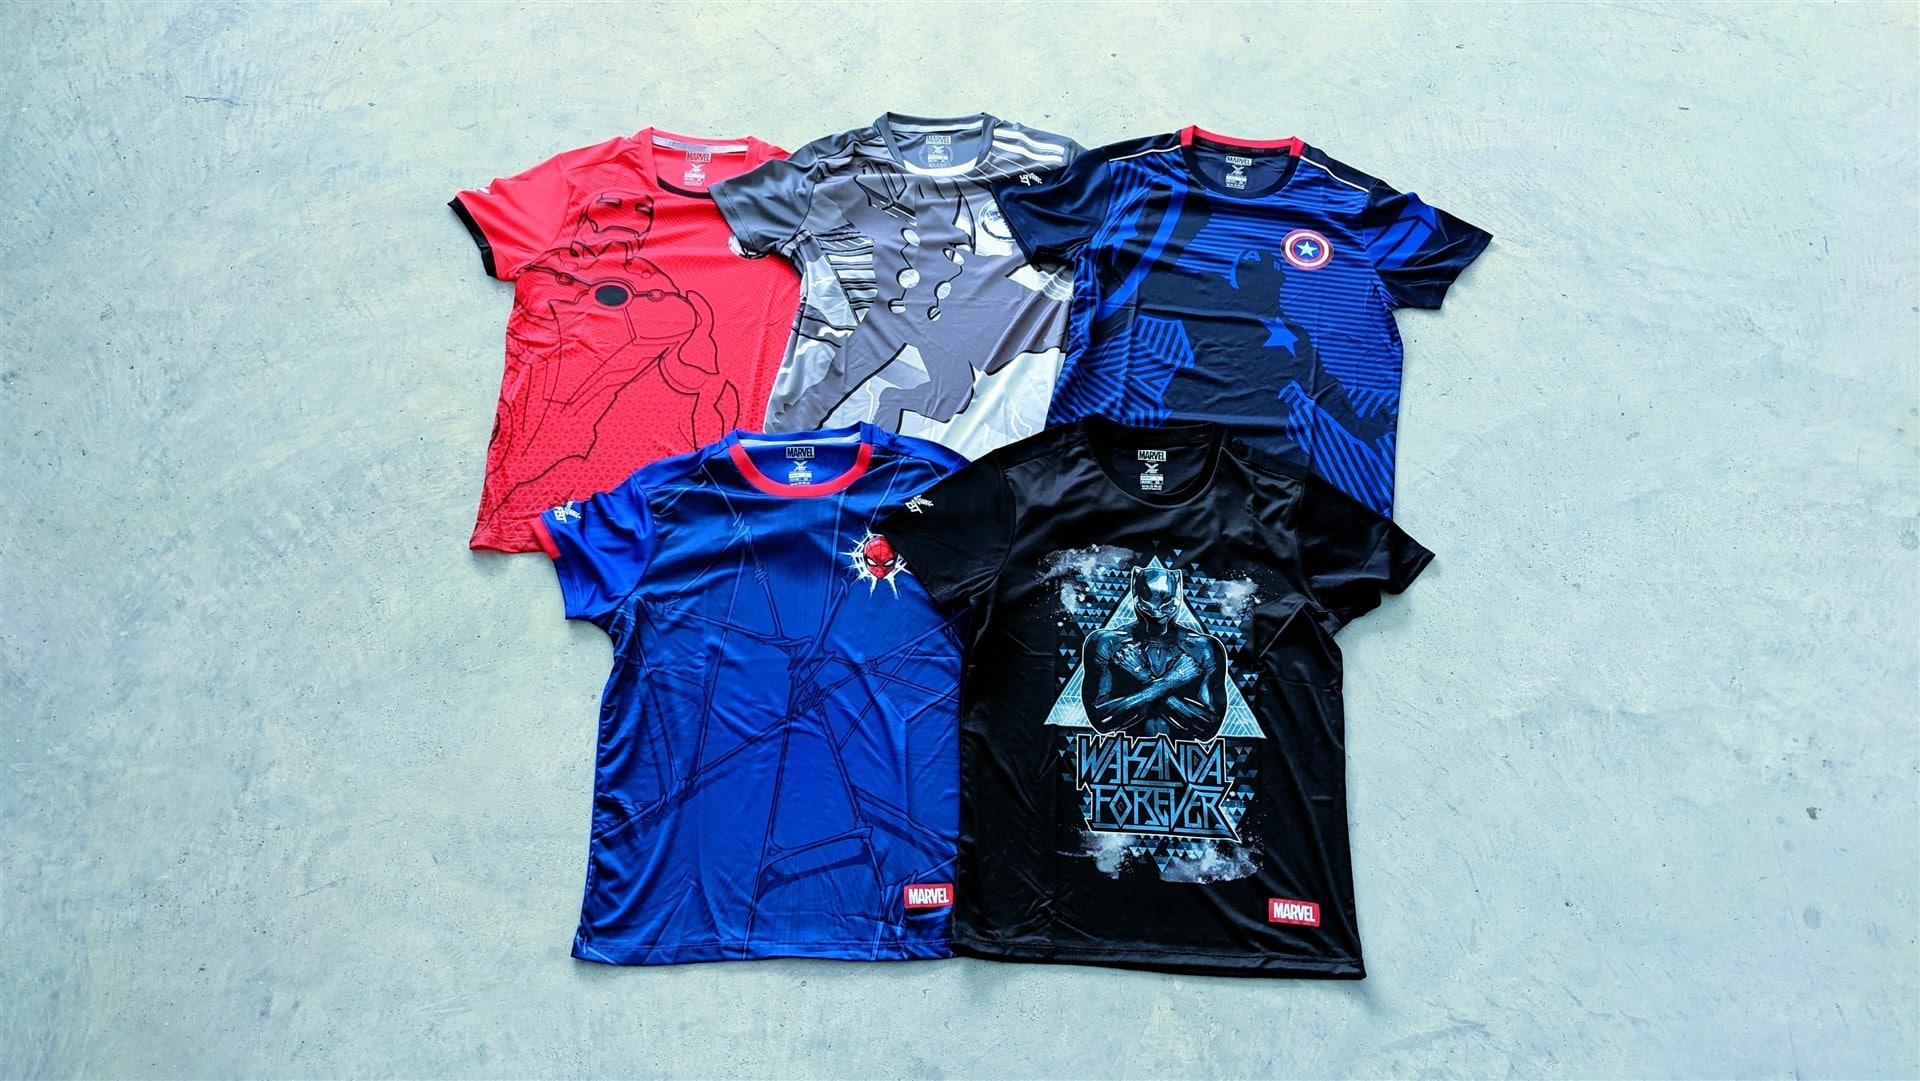 Marvel x FBT football jerseys